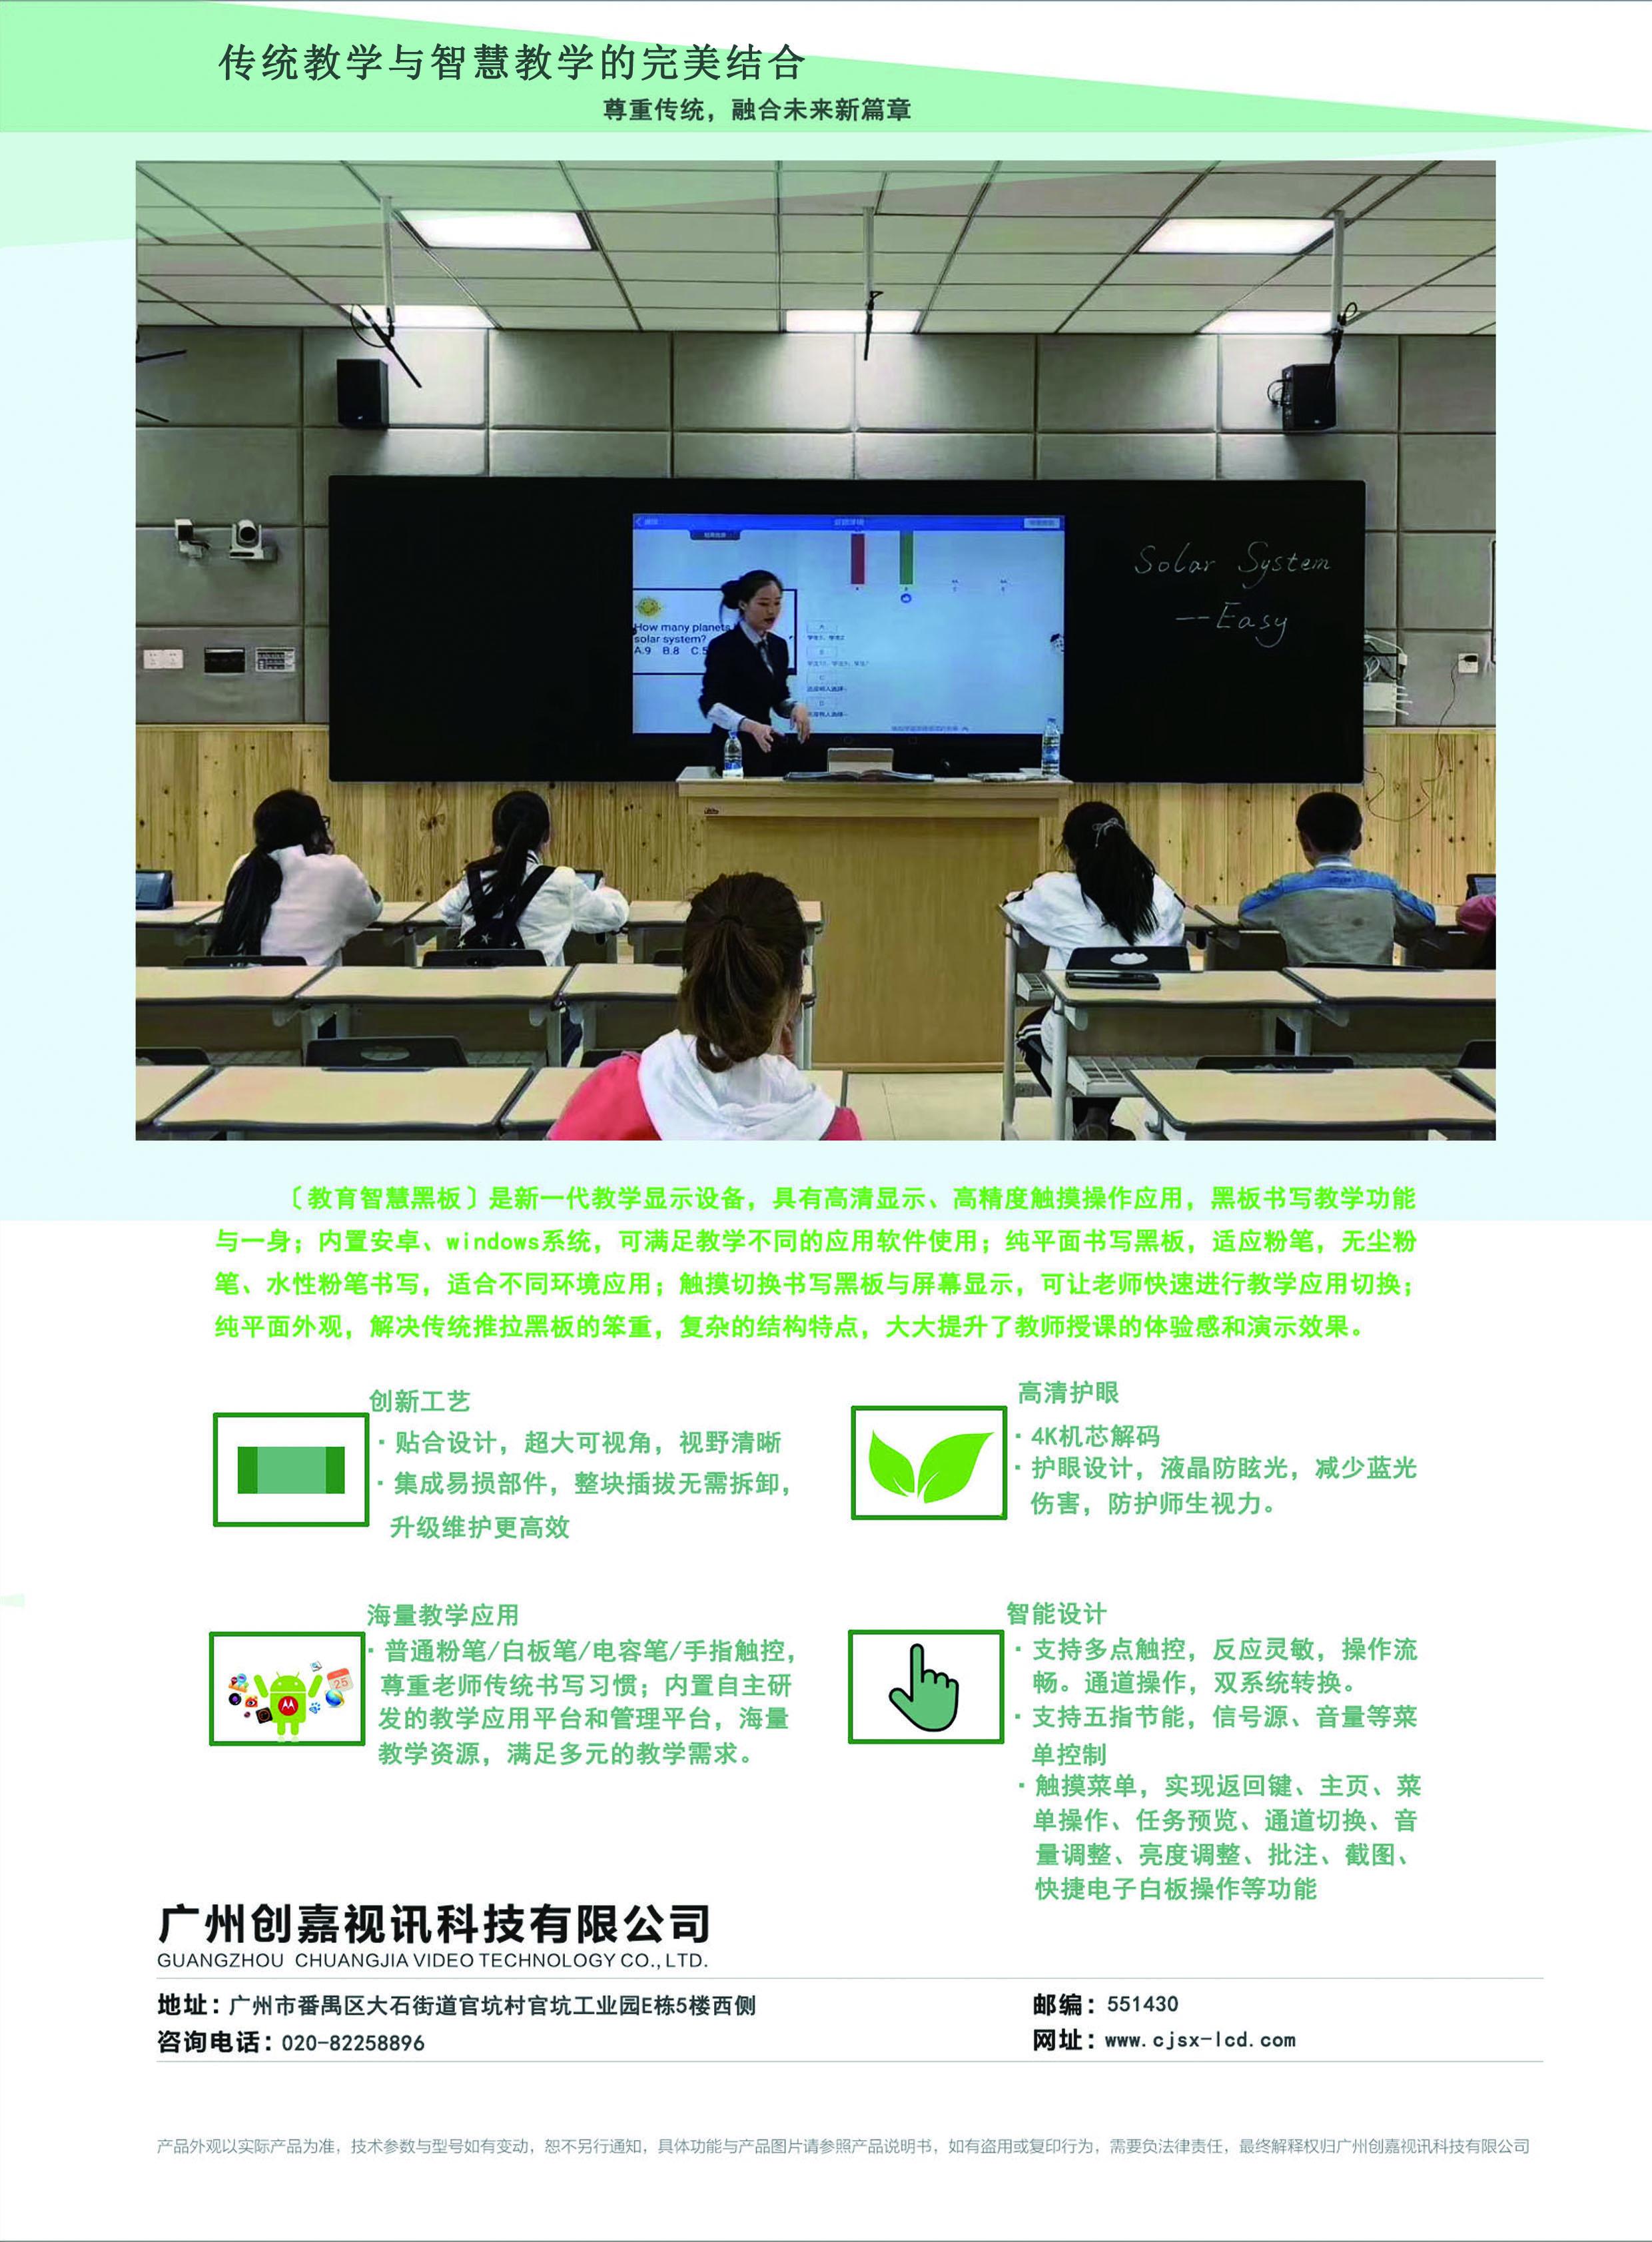 广州纳米智慧黑板生产厂家报价批发商【广州创嘉视讯科技有限公司】